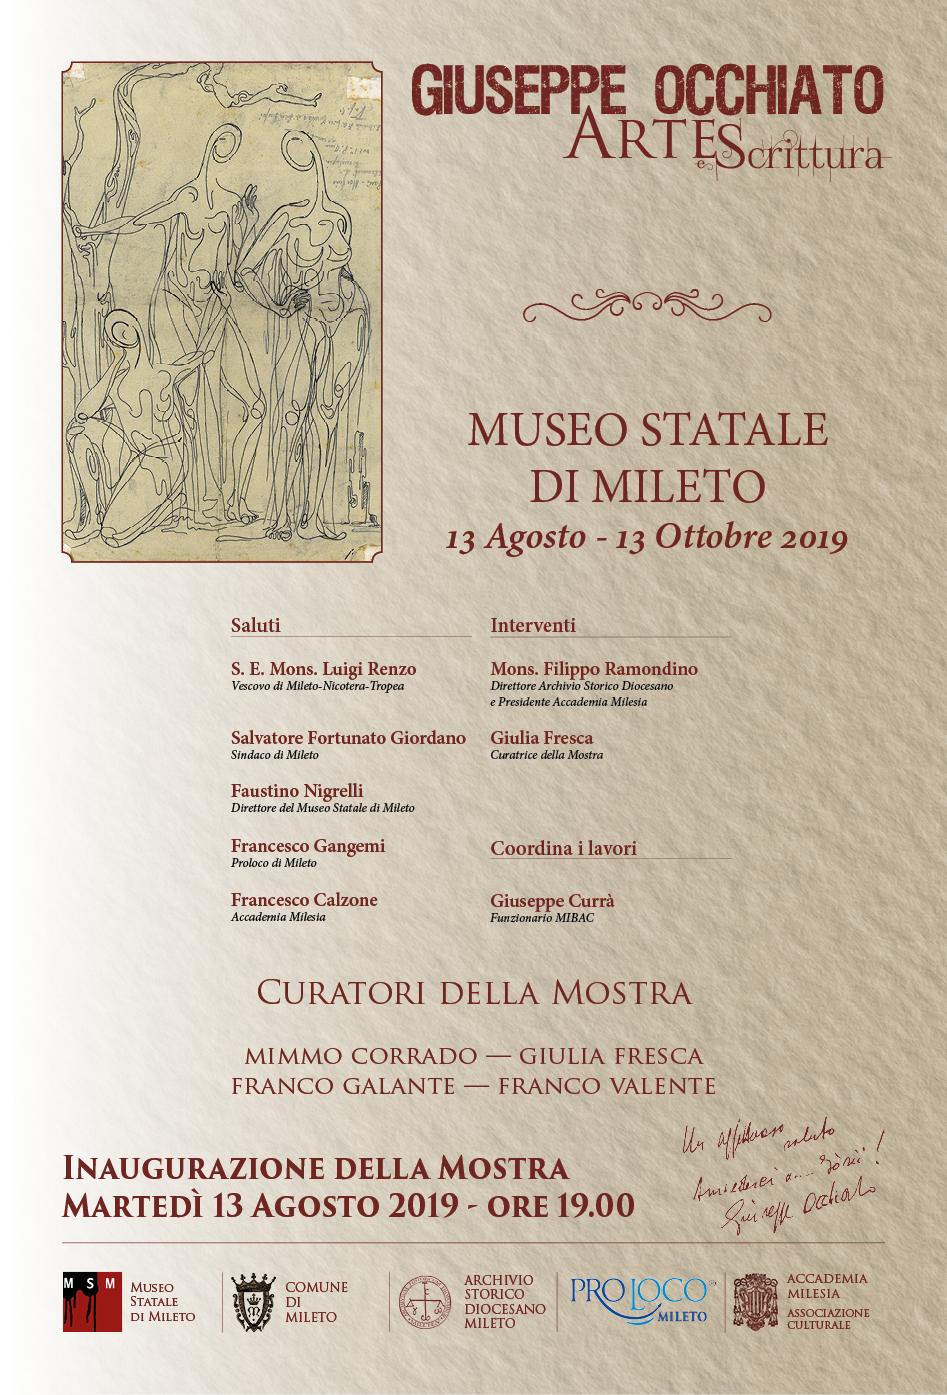 """Al Museo Statale di Mileto inaugurazione della mostra """"Arte e scrittura"""" di Giuseppe Occhiato"""